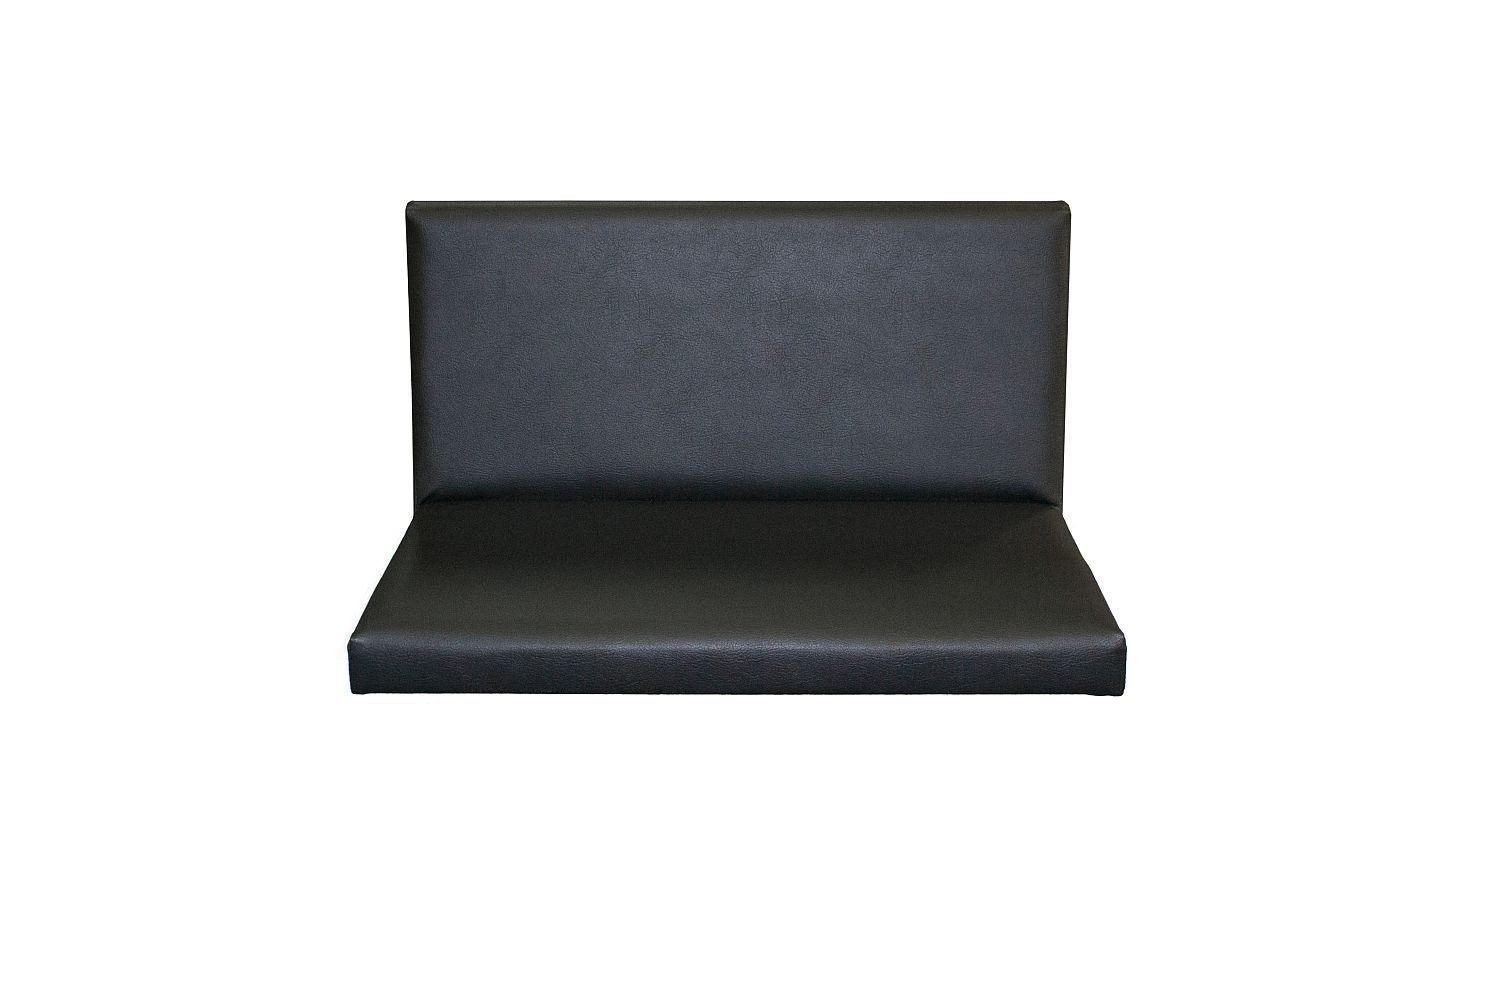 Kissen mit Rückenlehne 1008 schwarz